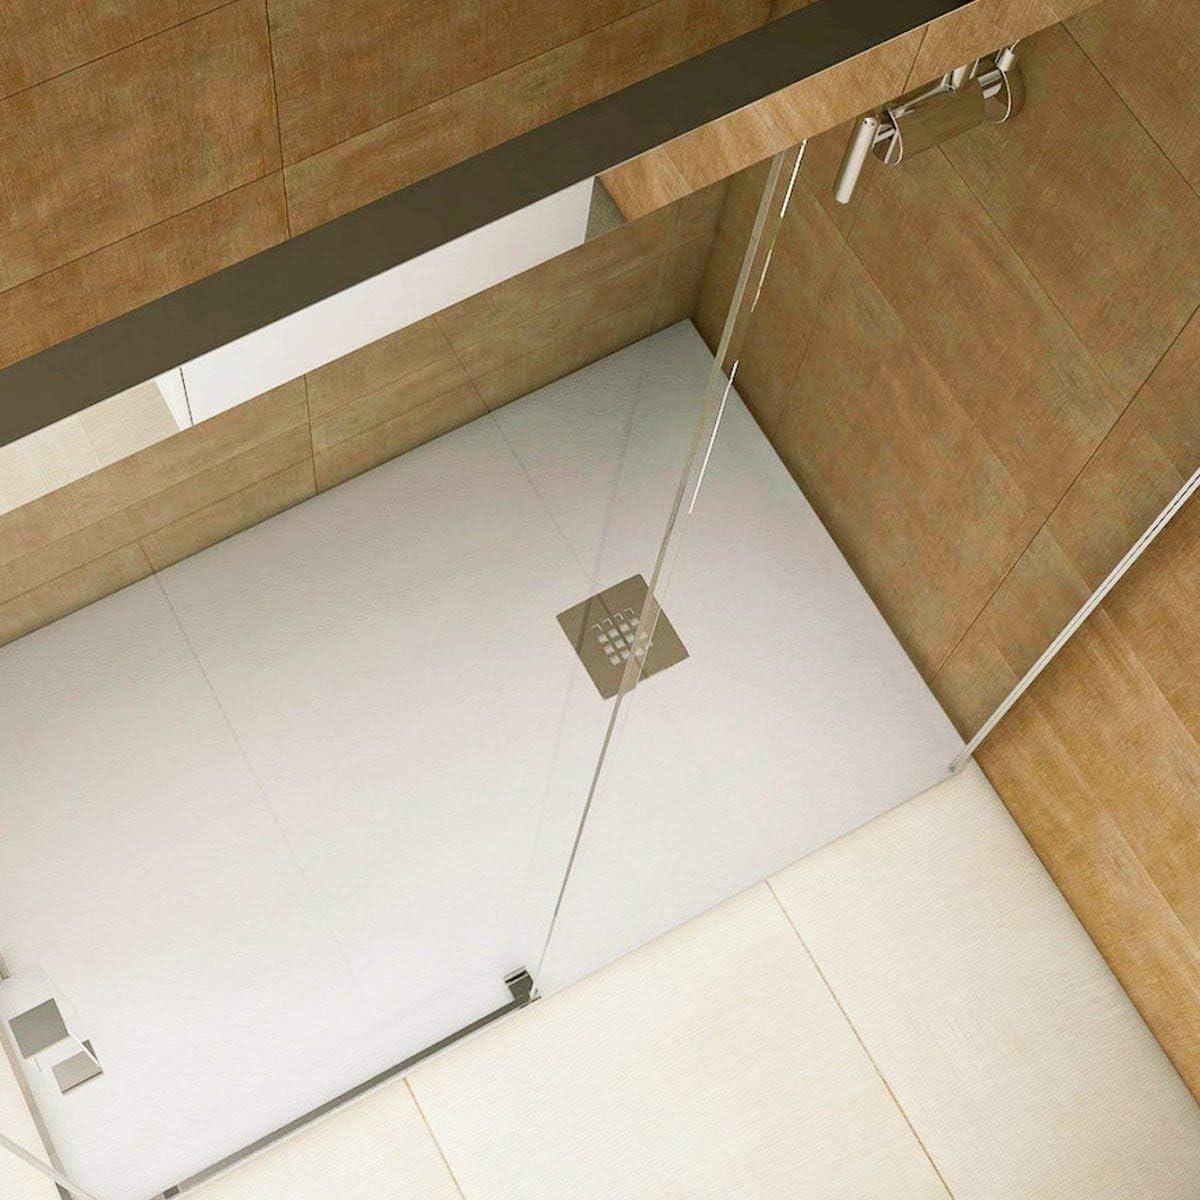 Plato de ducha resina convencional STANO de 70 cm de ancho CEMENTO ...